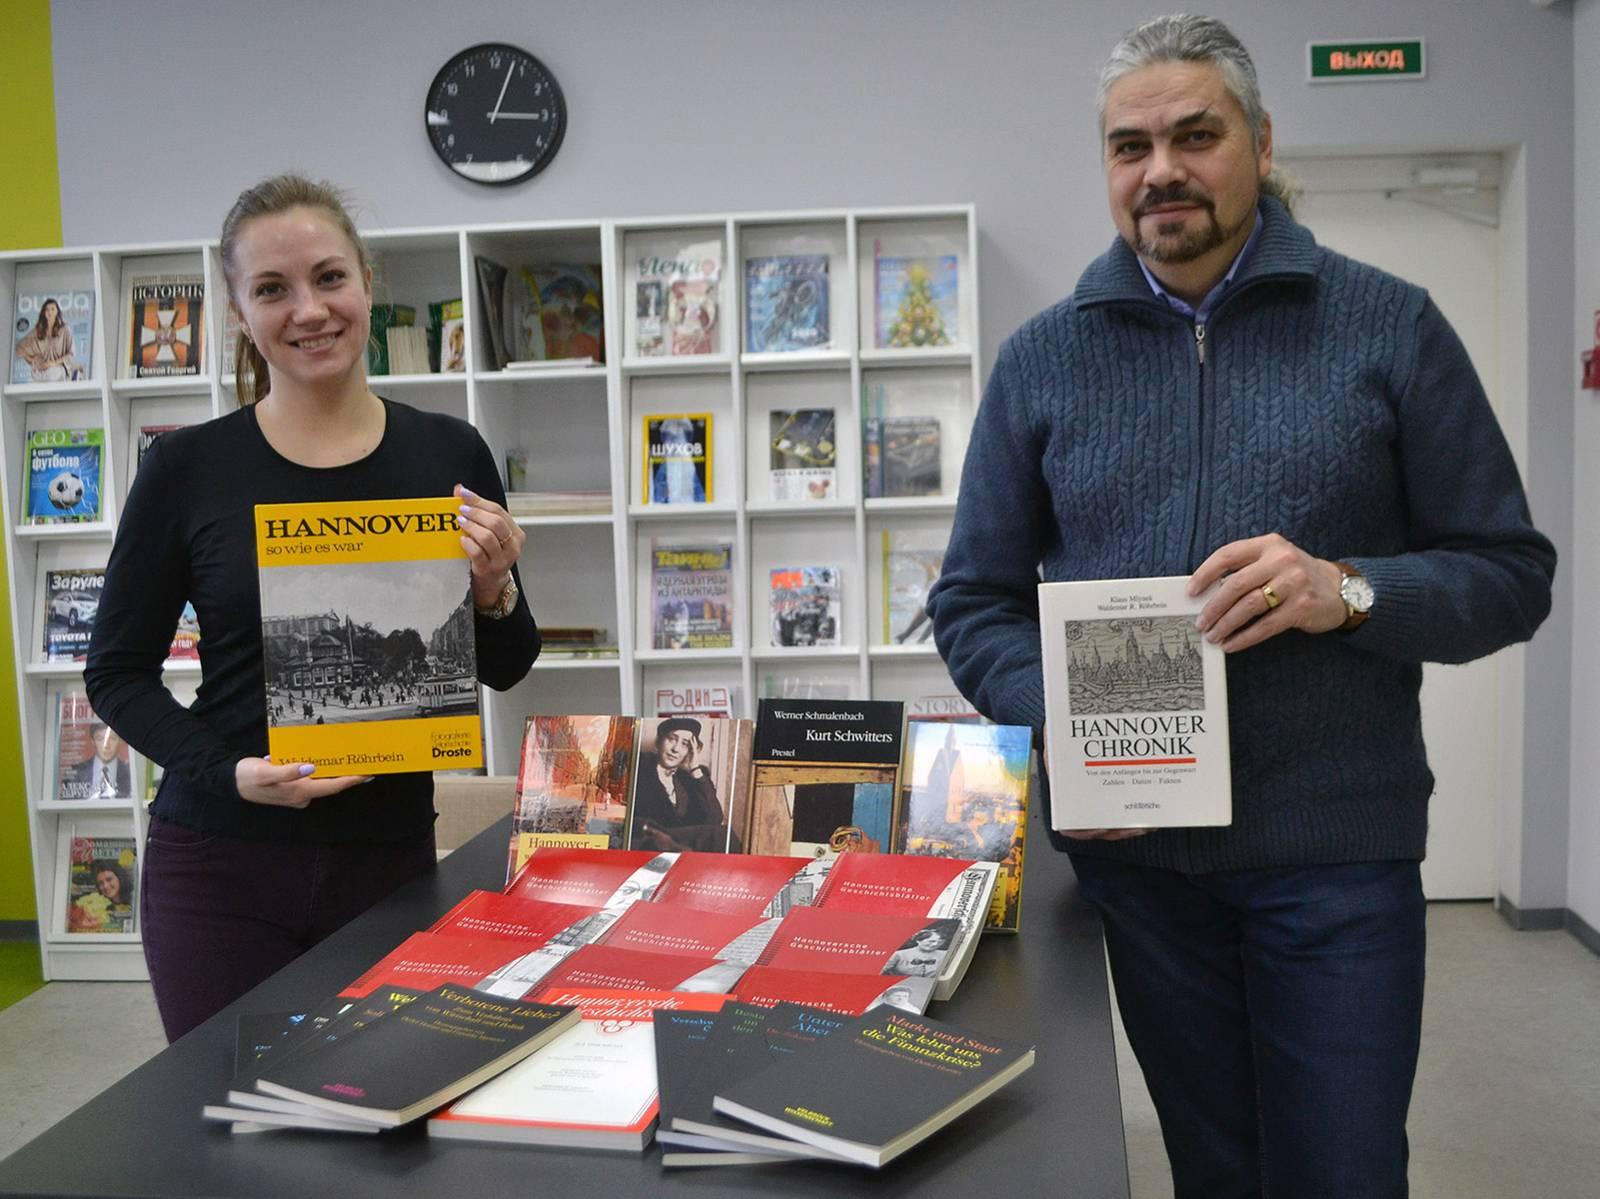 Eine Frau und ein Mann posieren in einer Bibliothek für die Kamera und halten jeweils ein Buch über Hannover hoch.